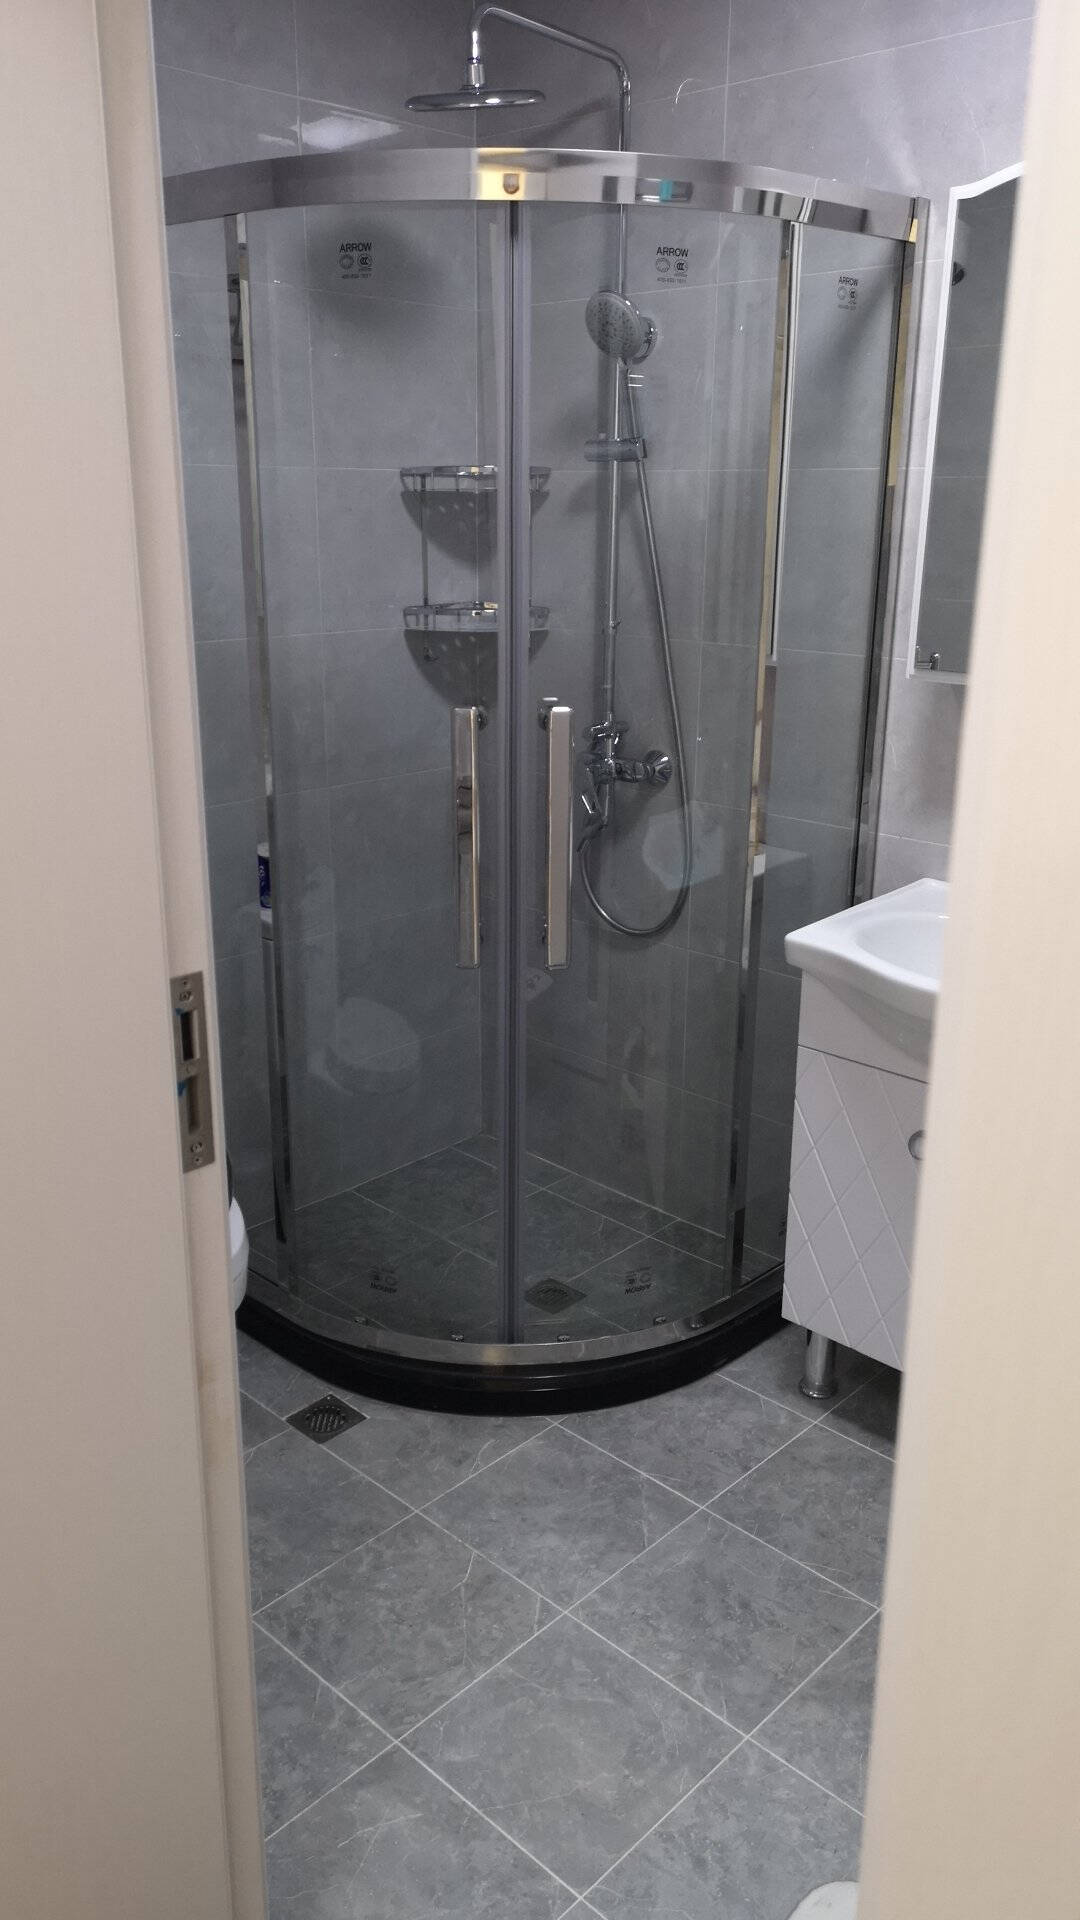 箭牌(ARROW)整体淋浴房弧扇型304不锈钢8mm加厚防爆钢化玻璃卫生间浴室隔断900*900mm现货不锈钢